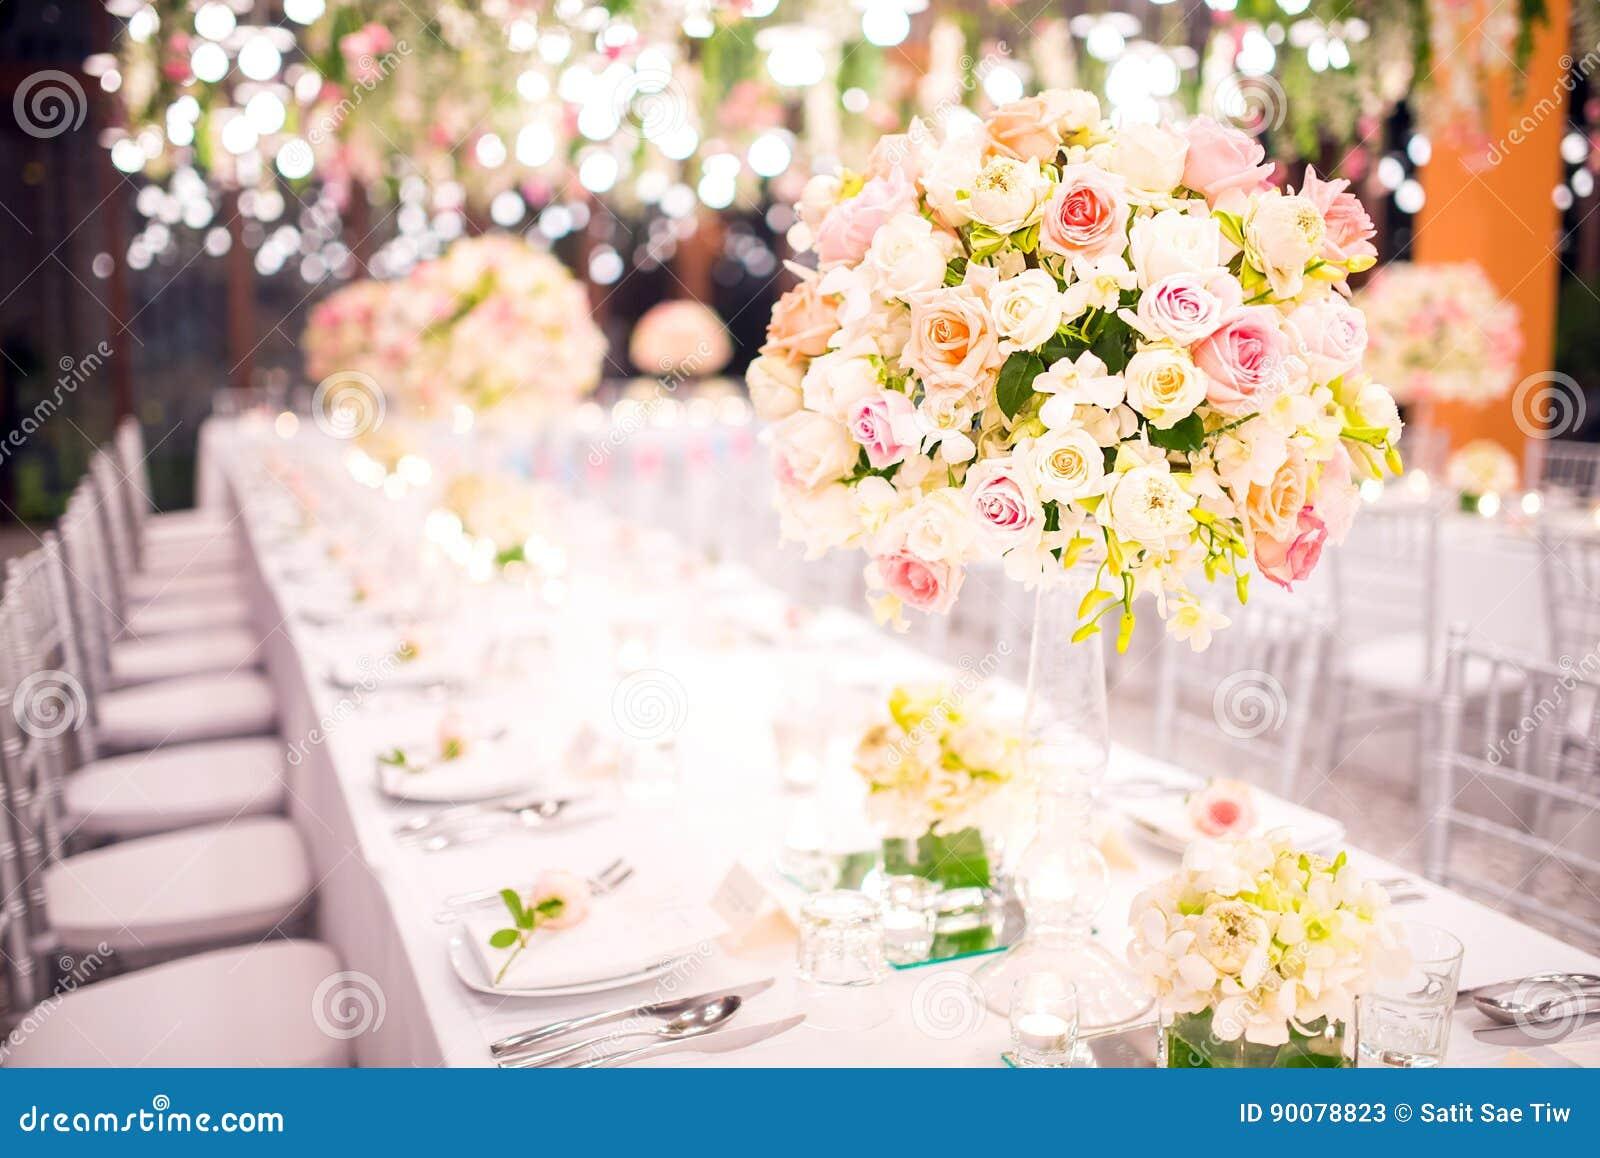 Apresente o ajuste em um casamento luxuoso e em umas flores bonitas